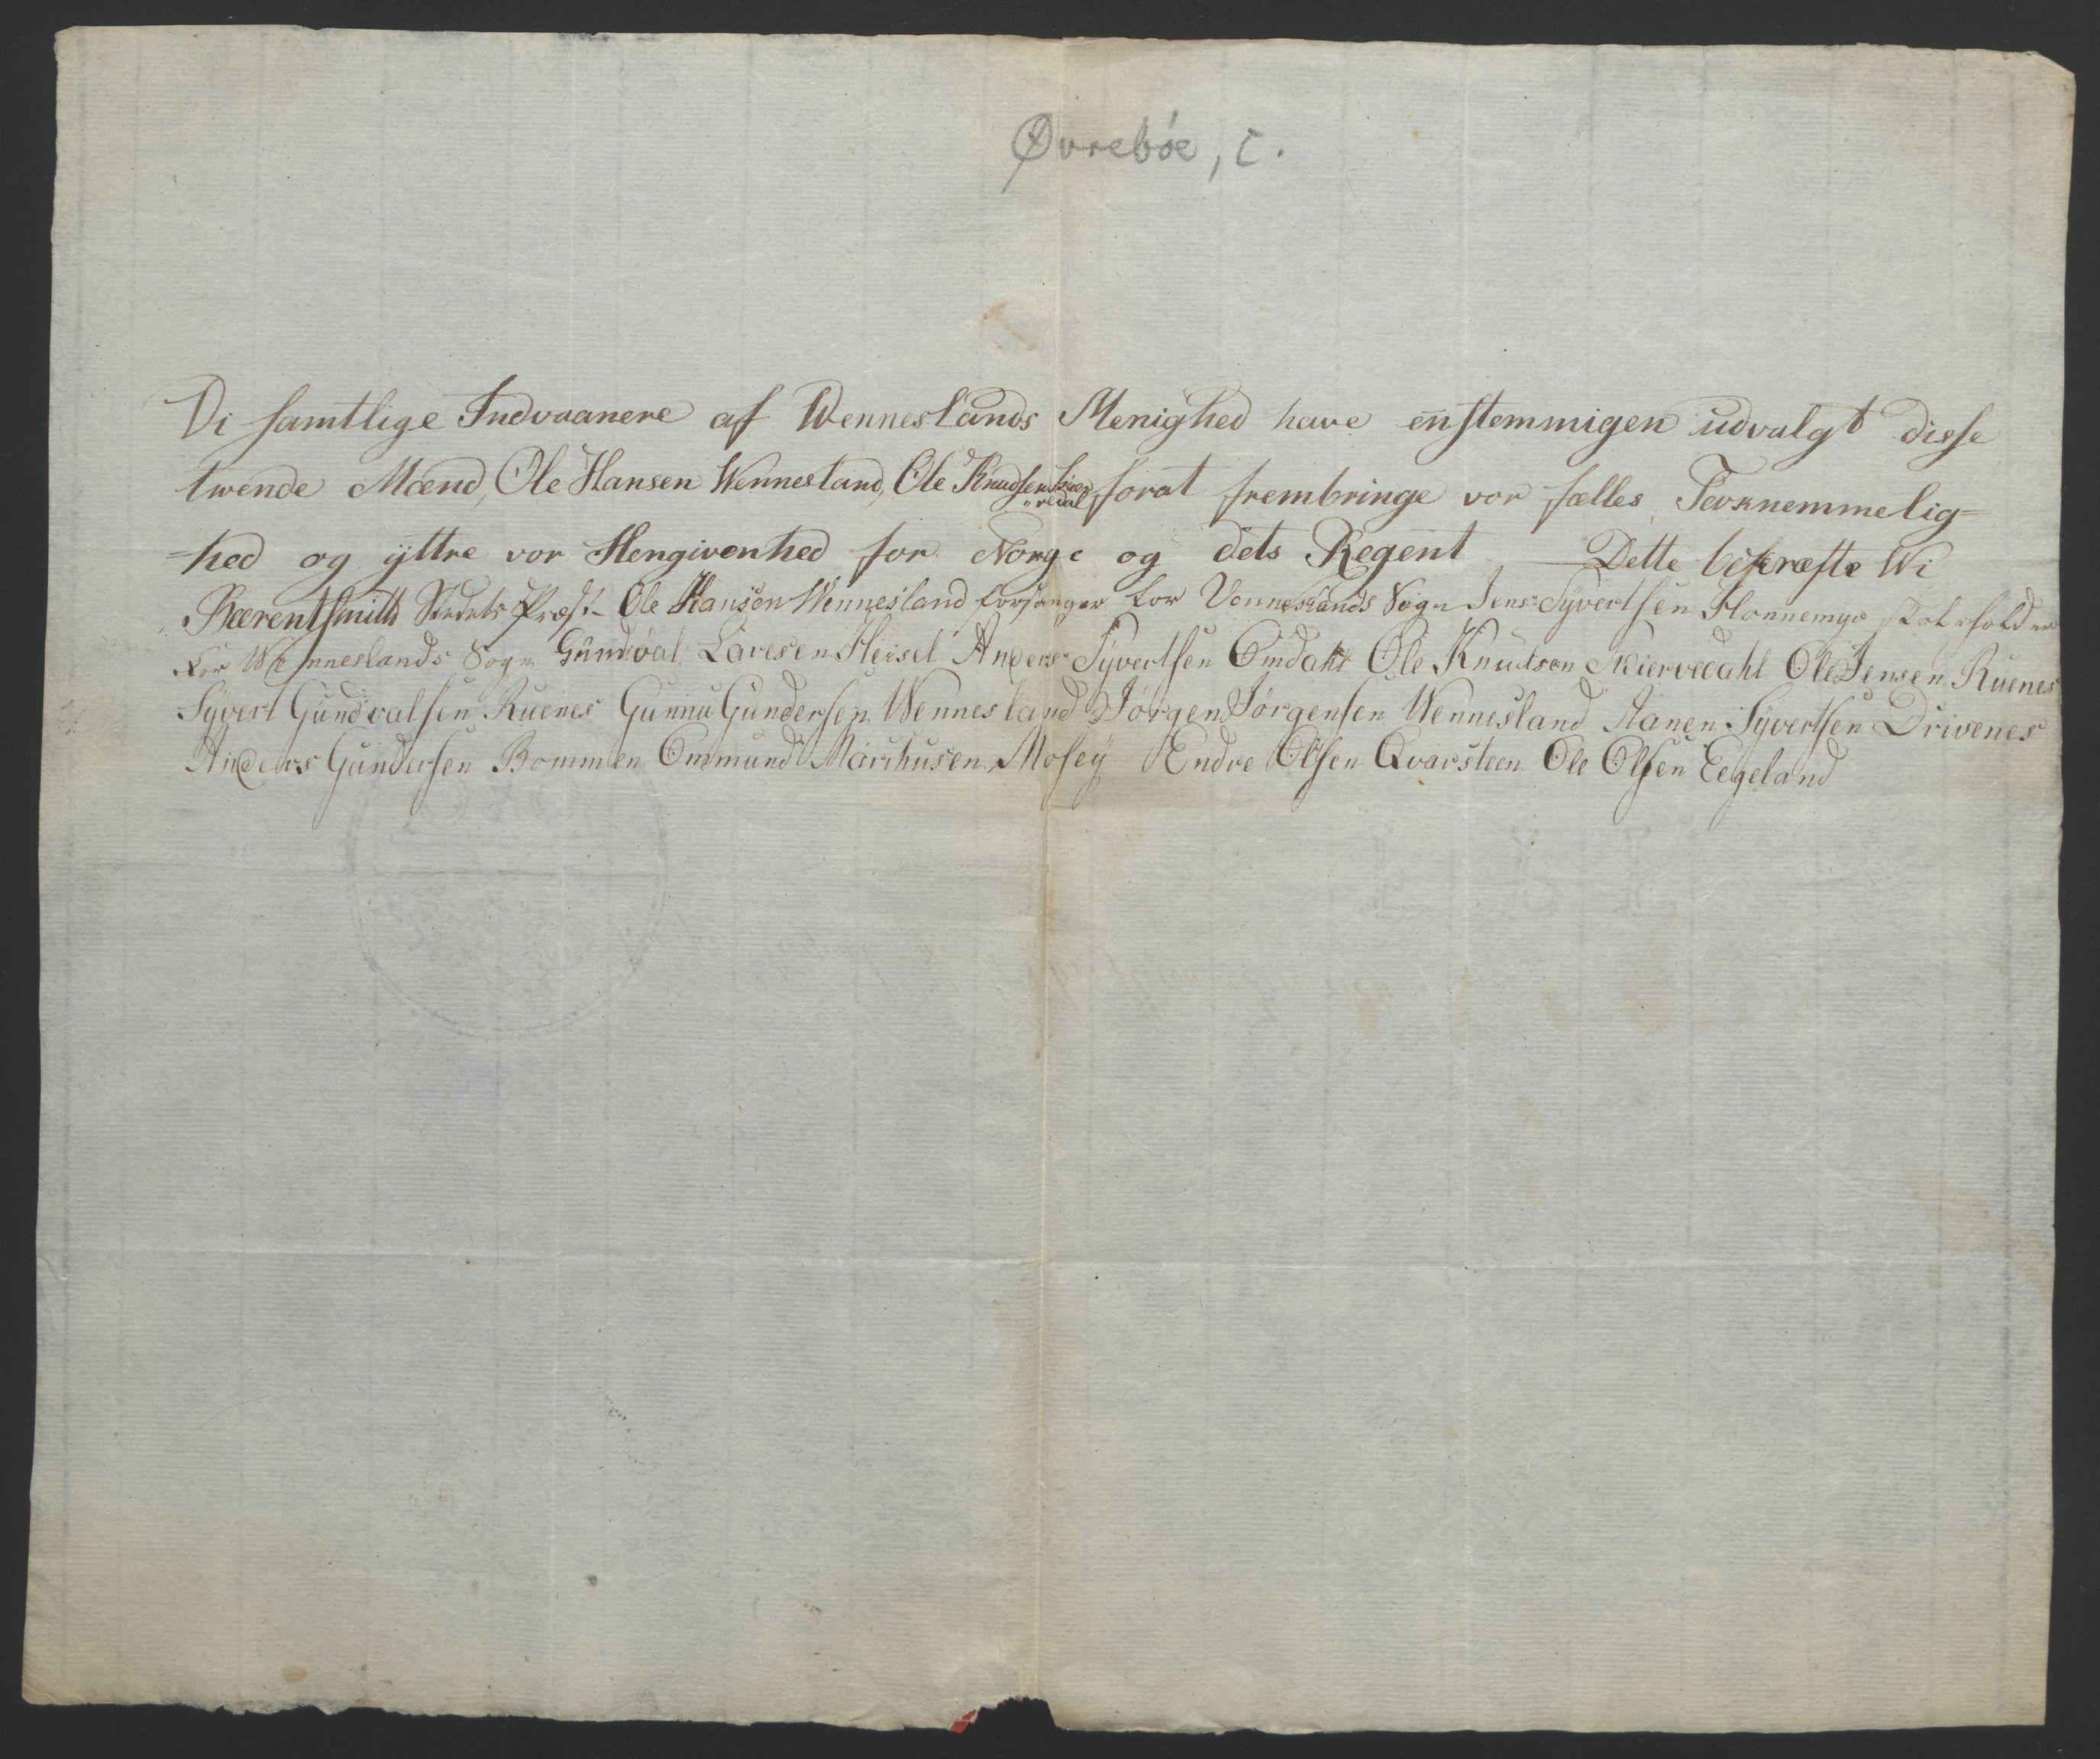 RA, Statsrådssekretariatet, D/Db/L0008: Fullmakter for Eidsvollsrepresentantene i 1814. , 1814, s. 146